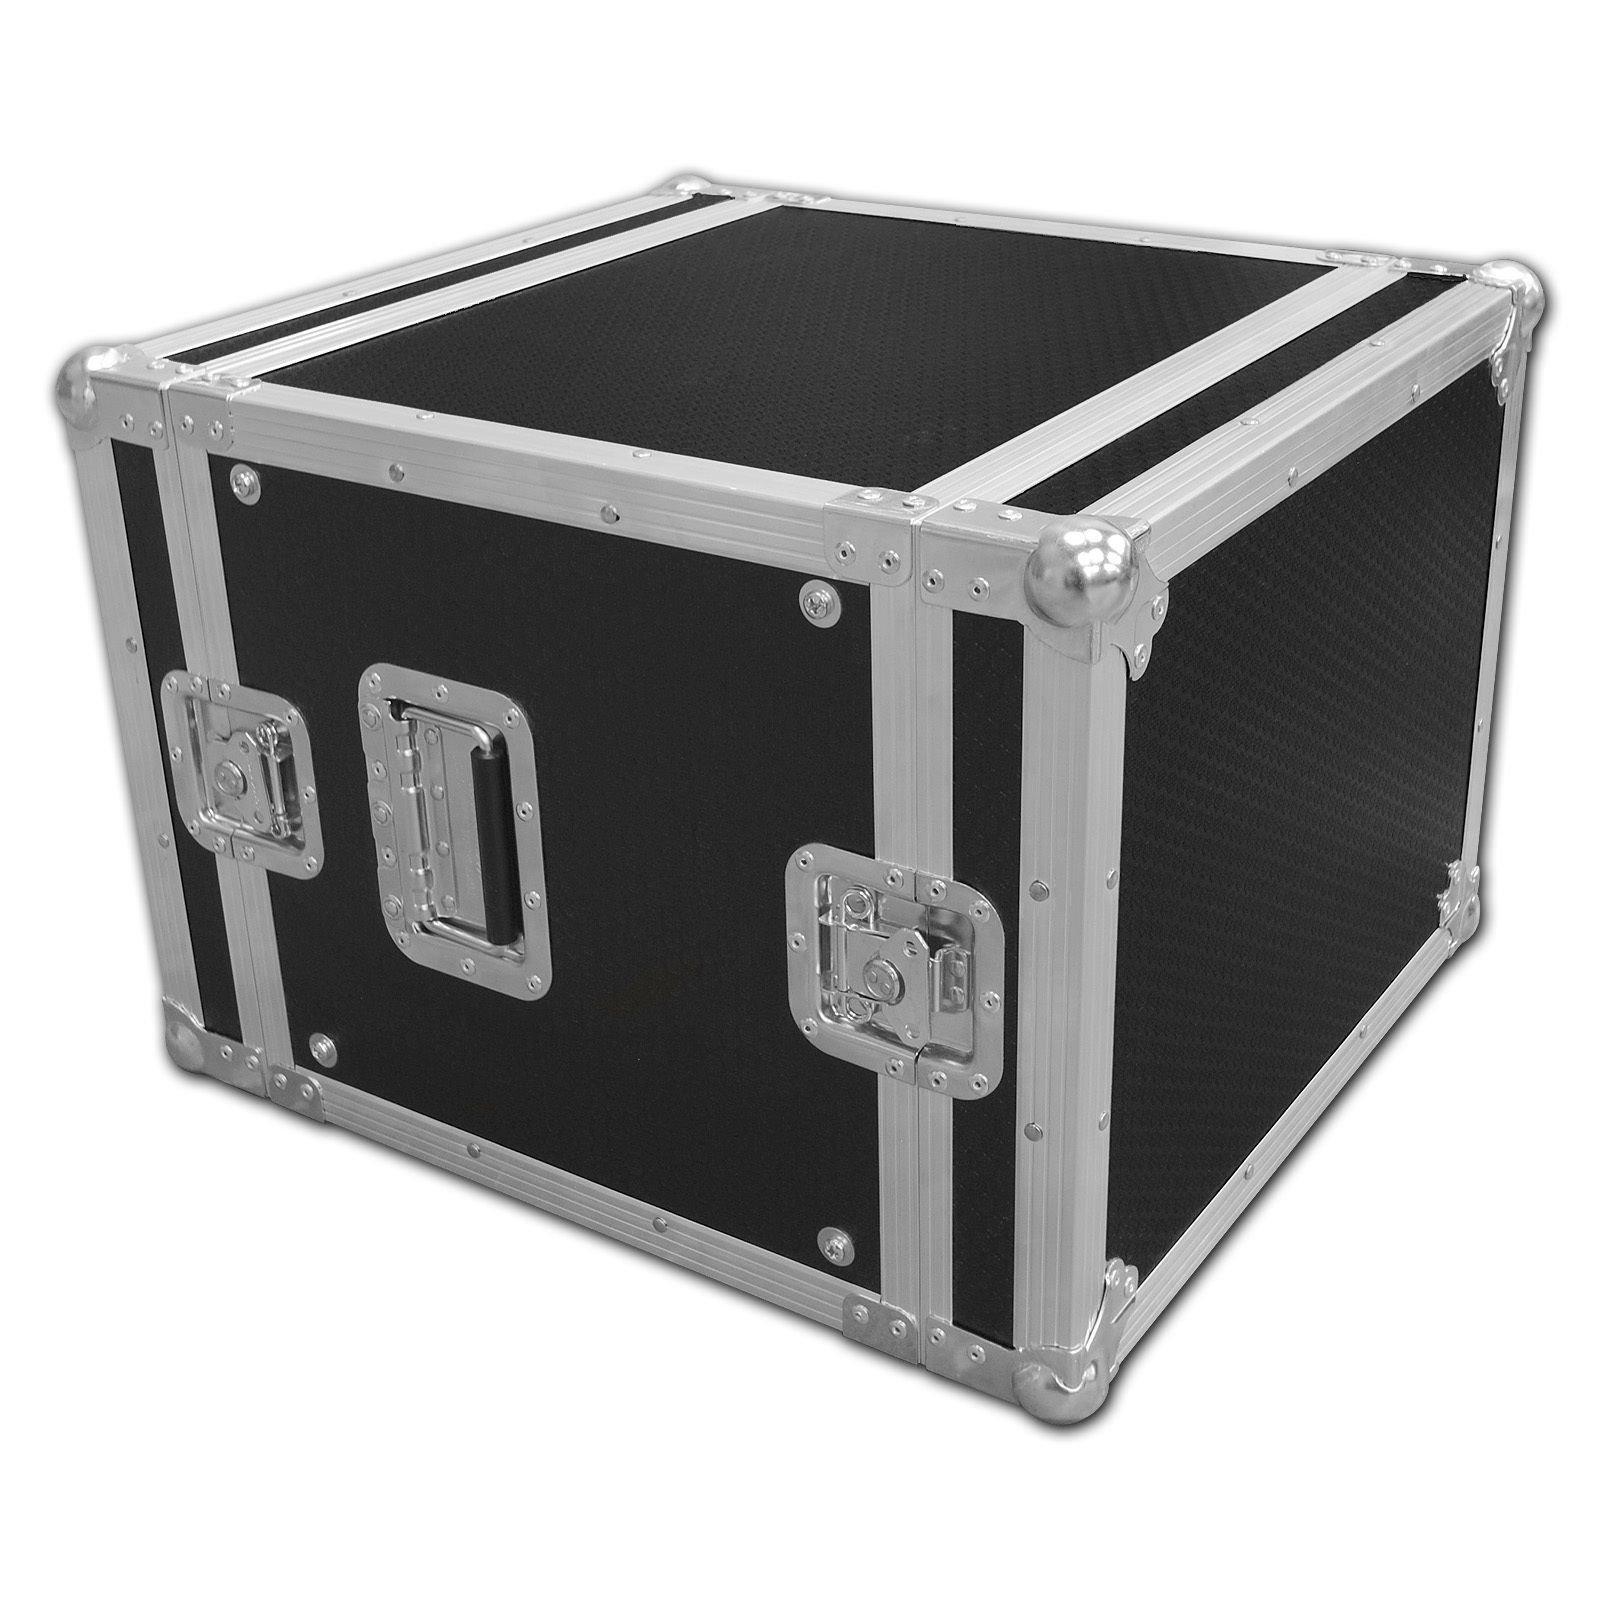 8u rackmount flight case. Black Bedroom Furniture Sets. Home Design Ideas